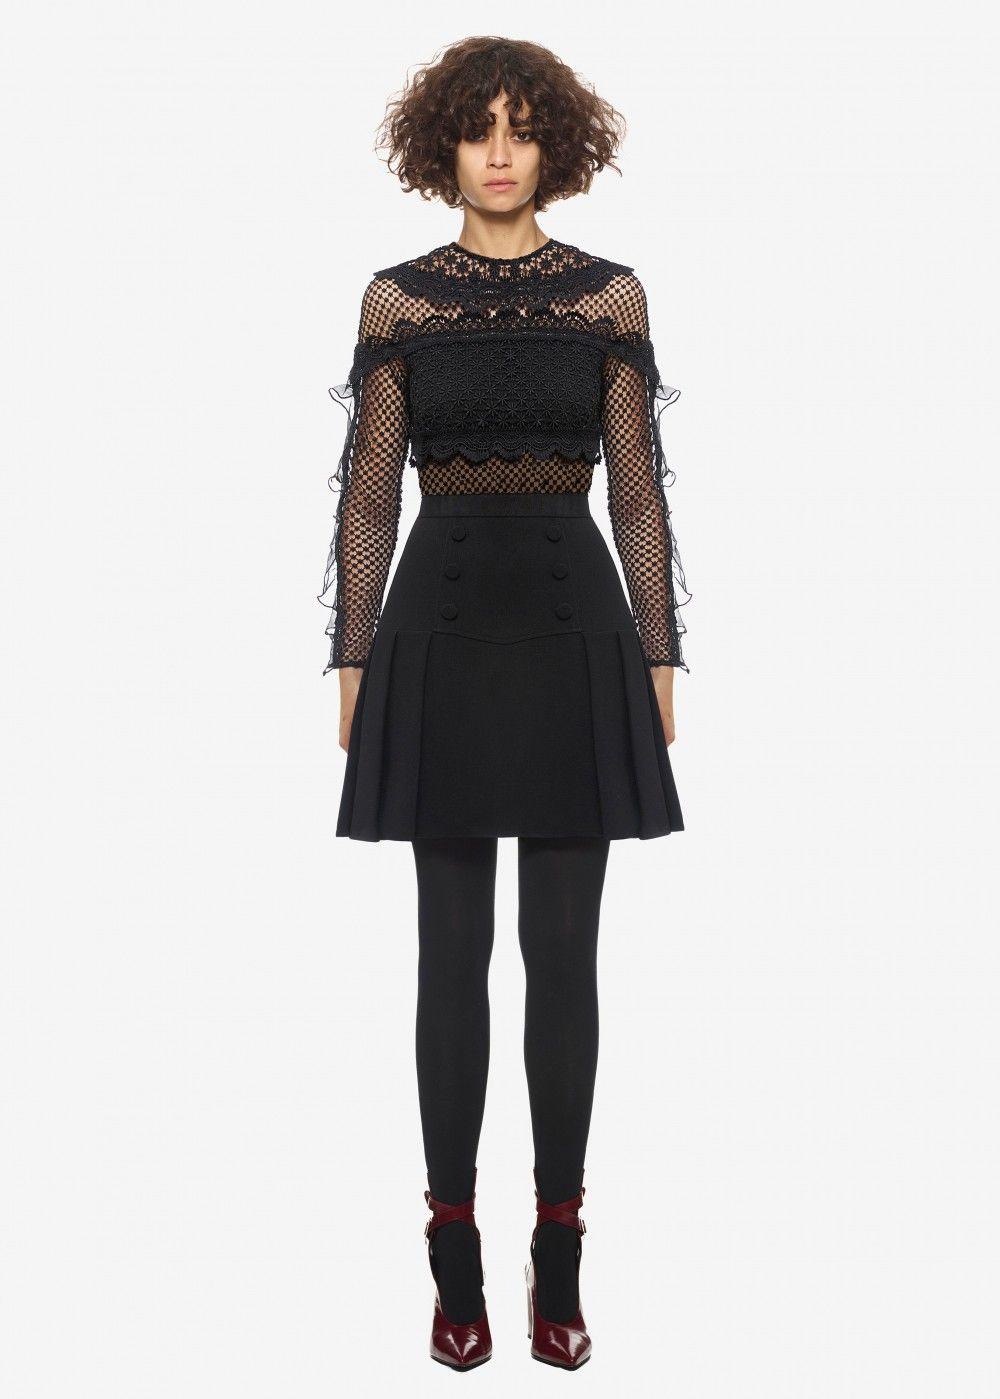 4addd301ce5f self portrait bellis lace trim dress black #women #happynewyear  #newyear2018 #gifts #